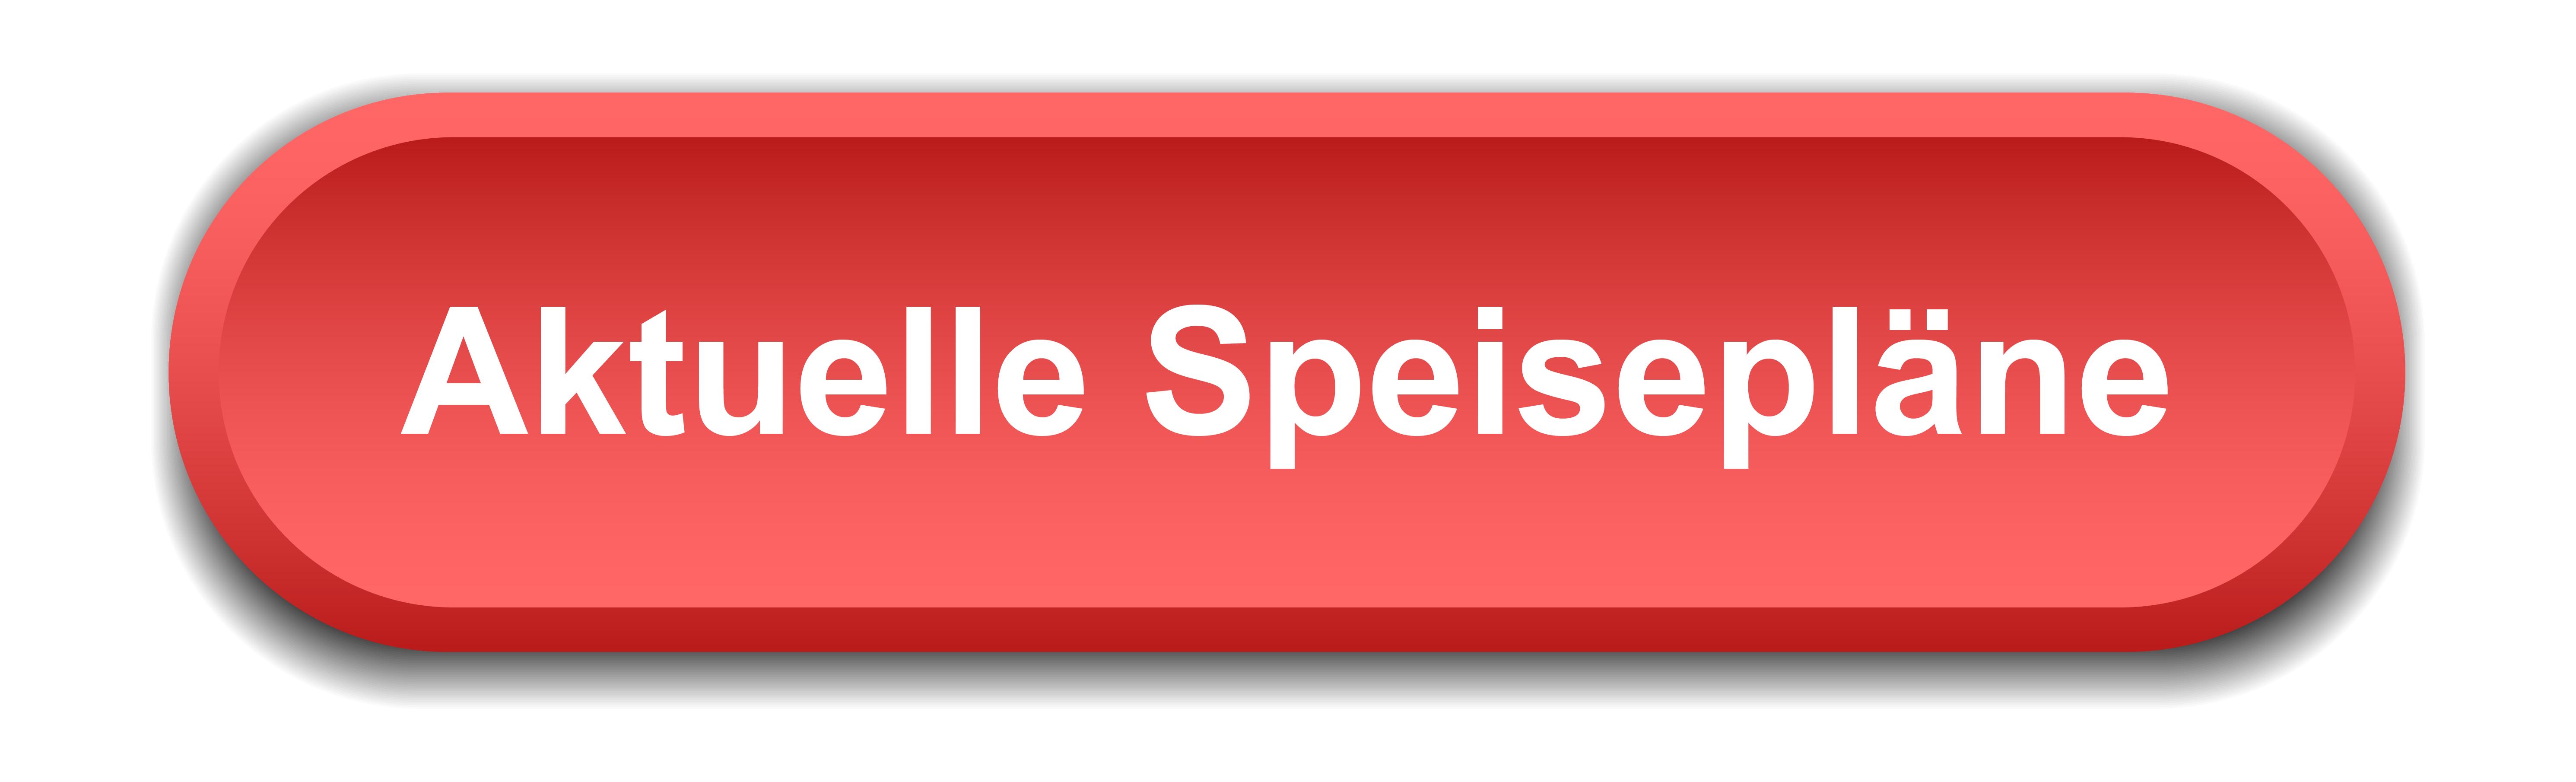 Aktuelle Speiseplaene-01